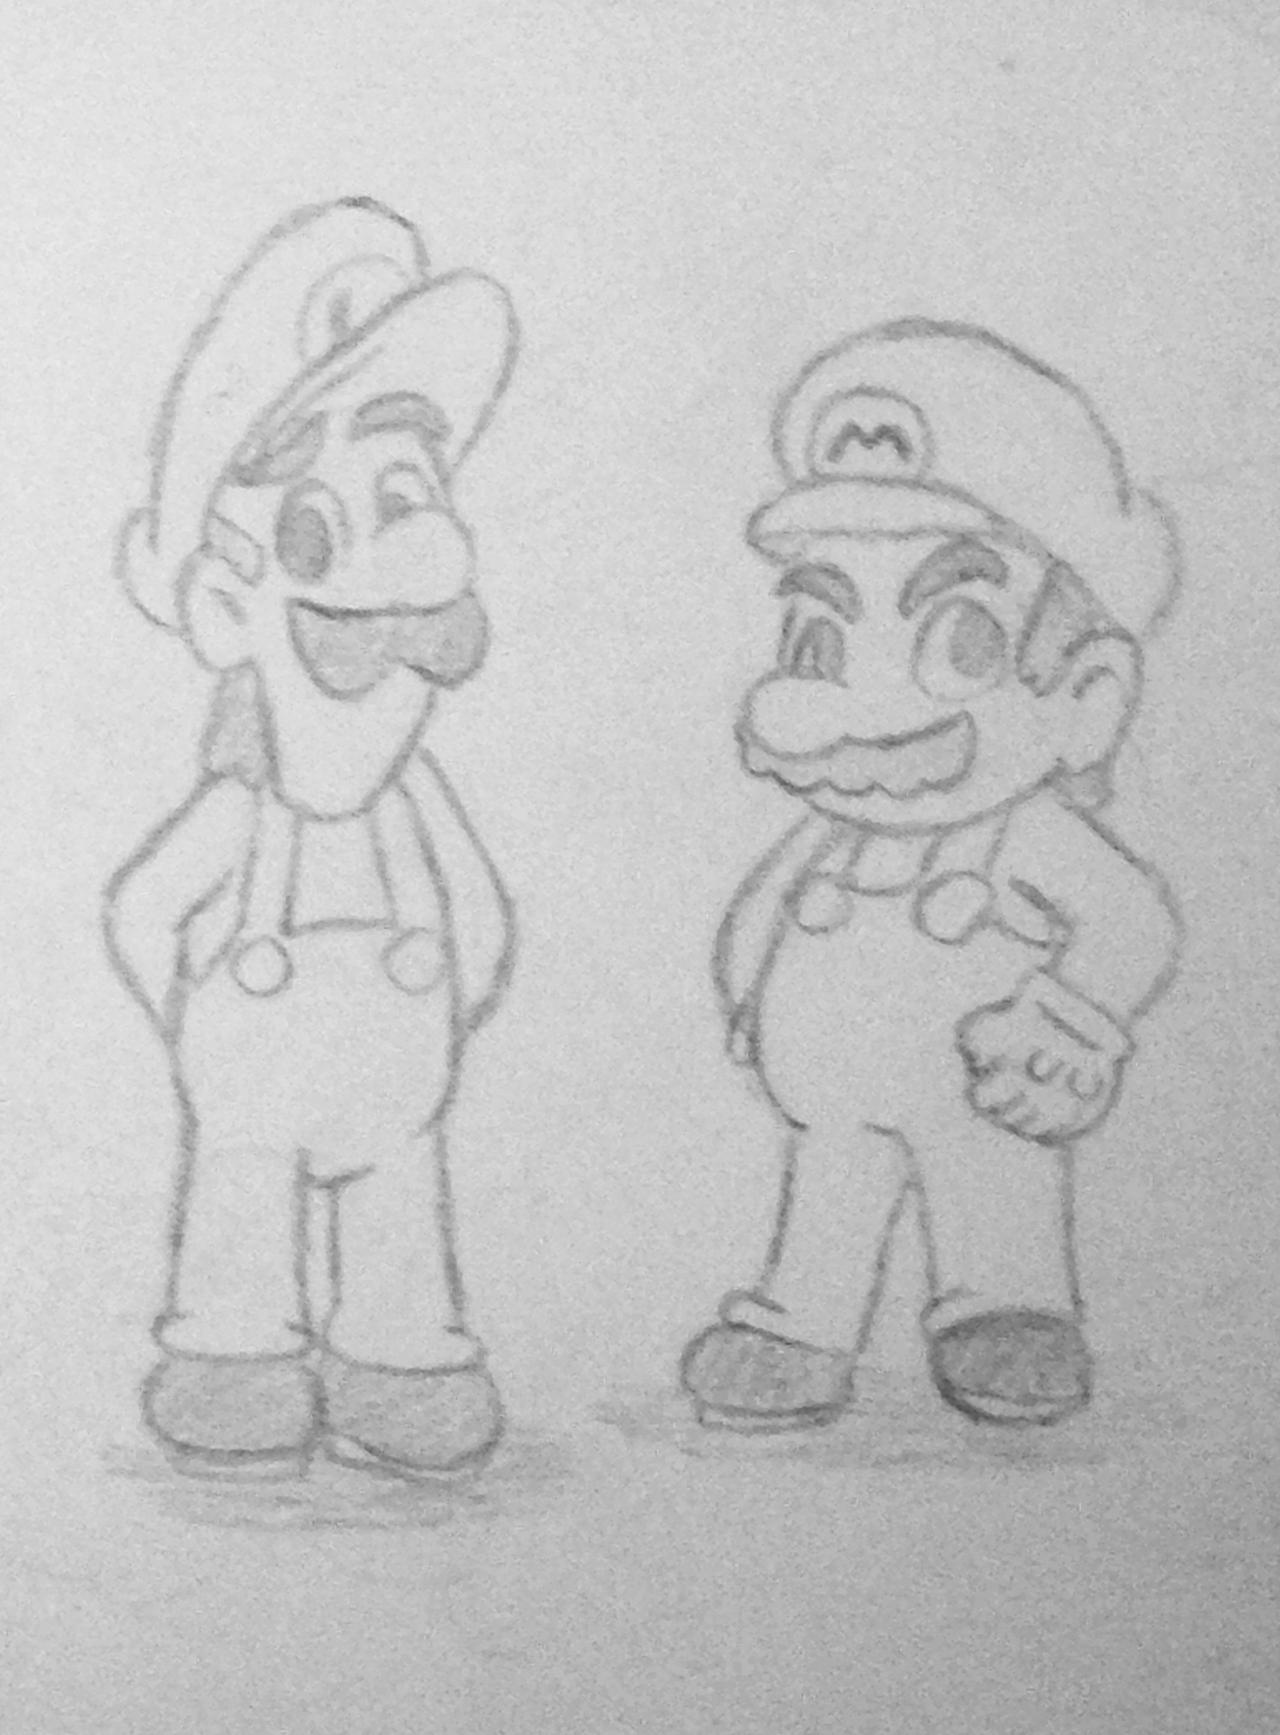 Mario Bros. by pheonix548